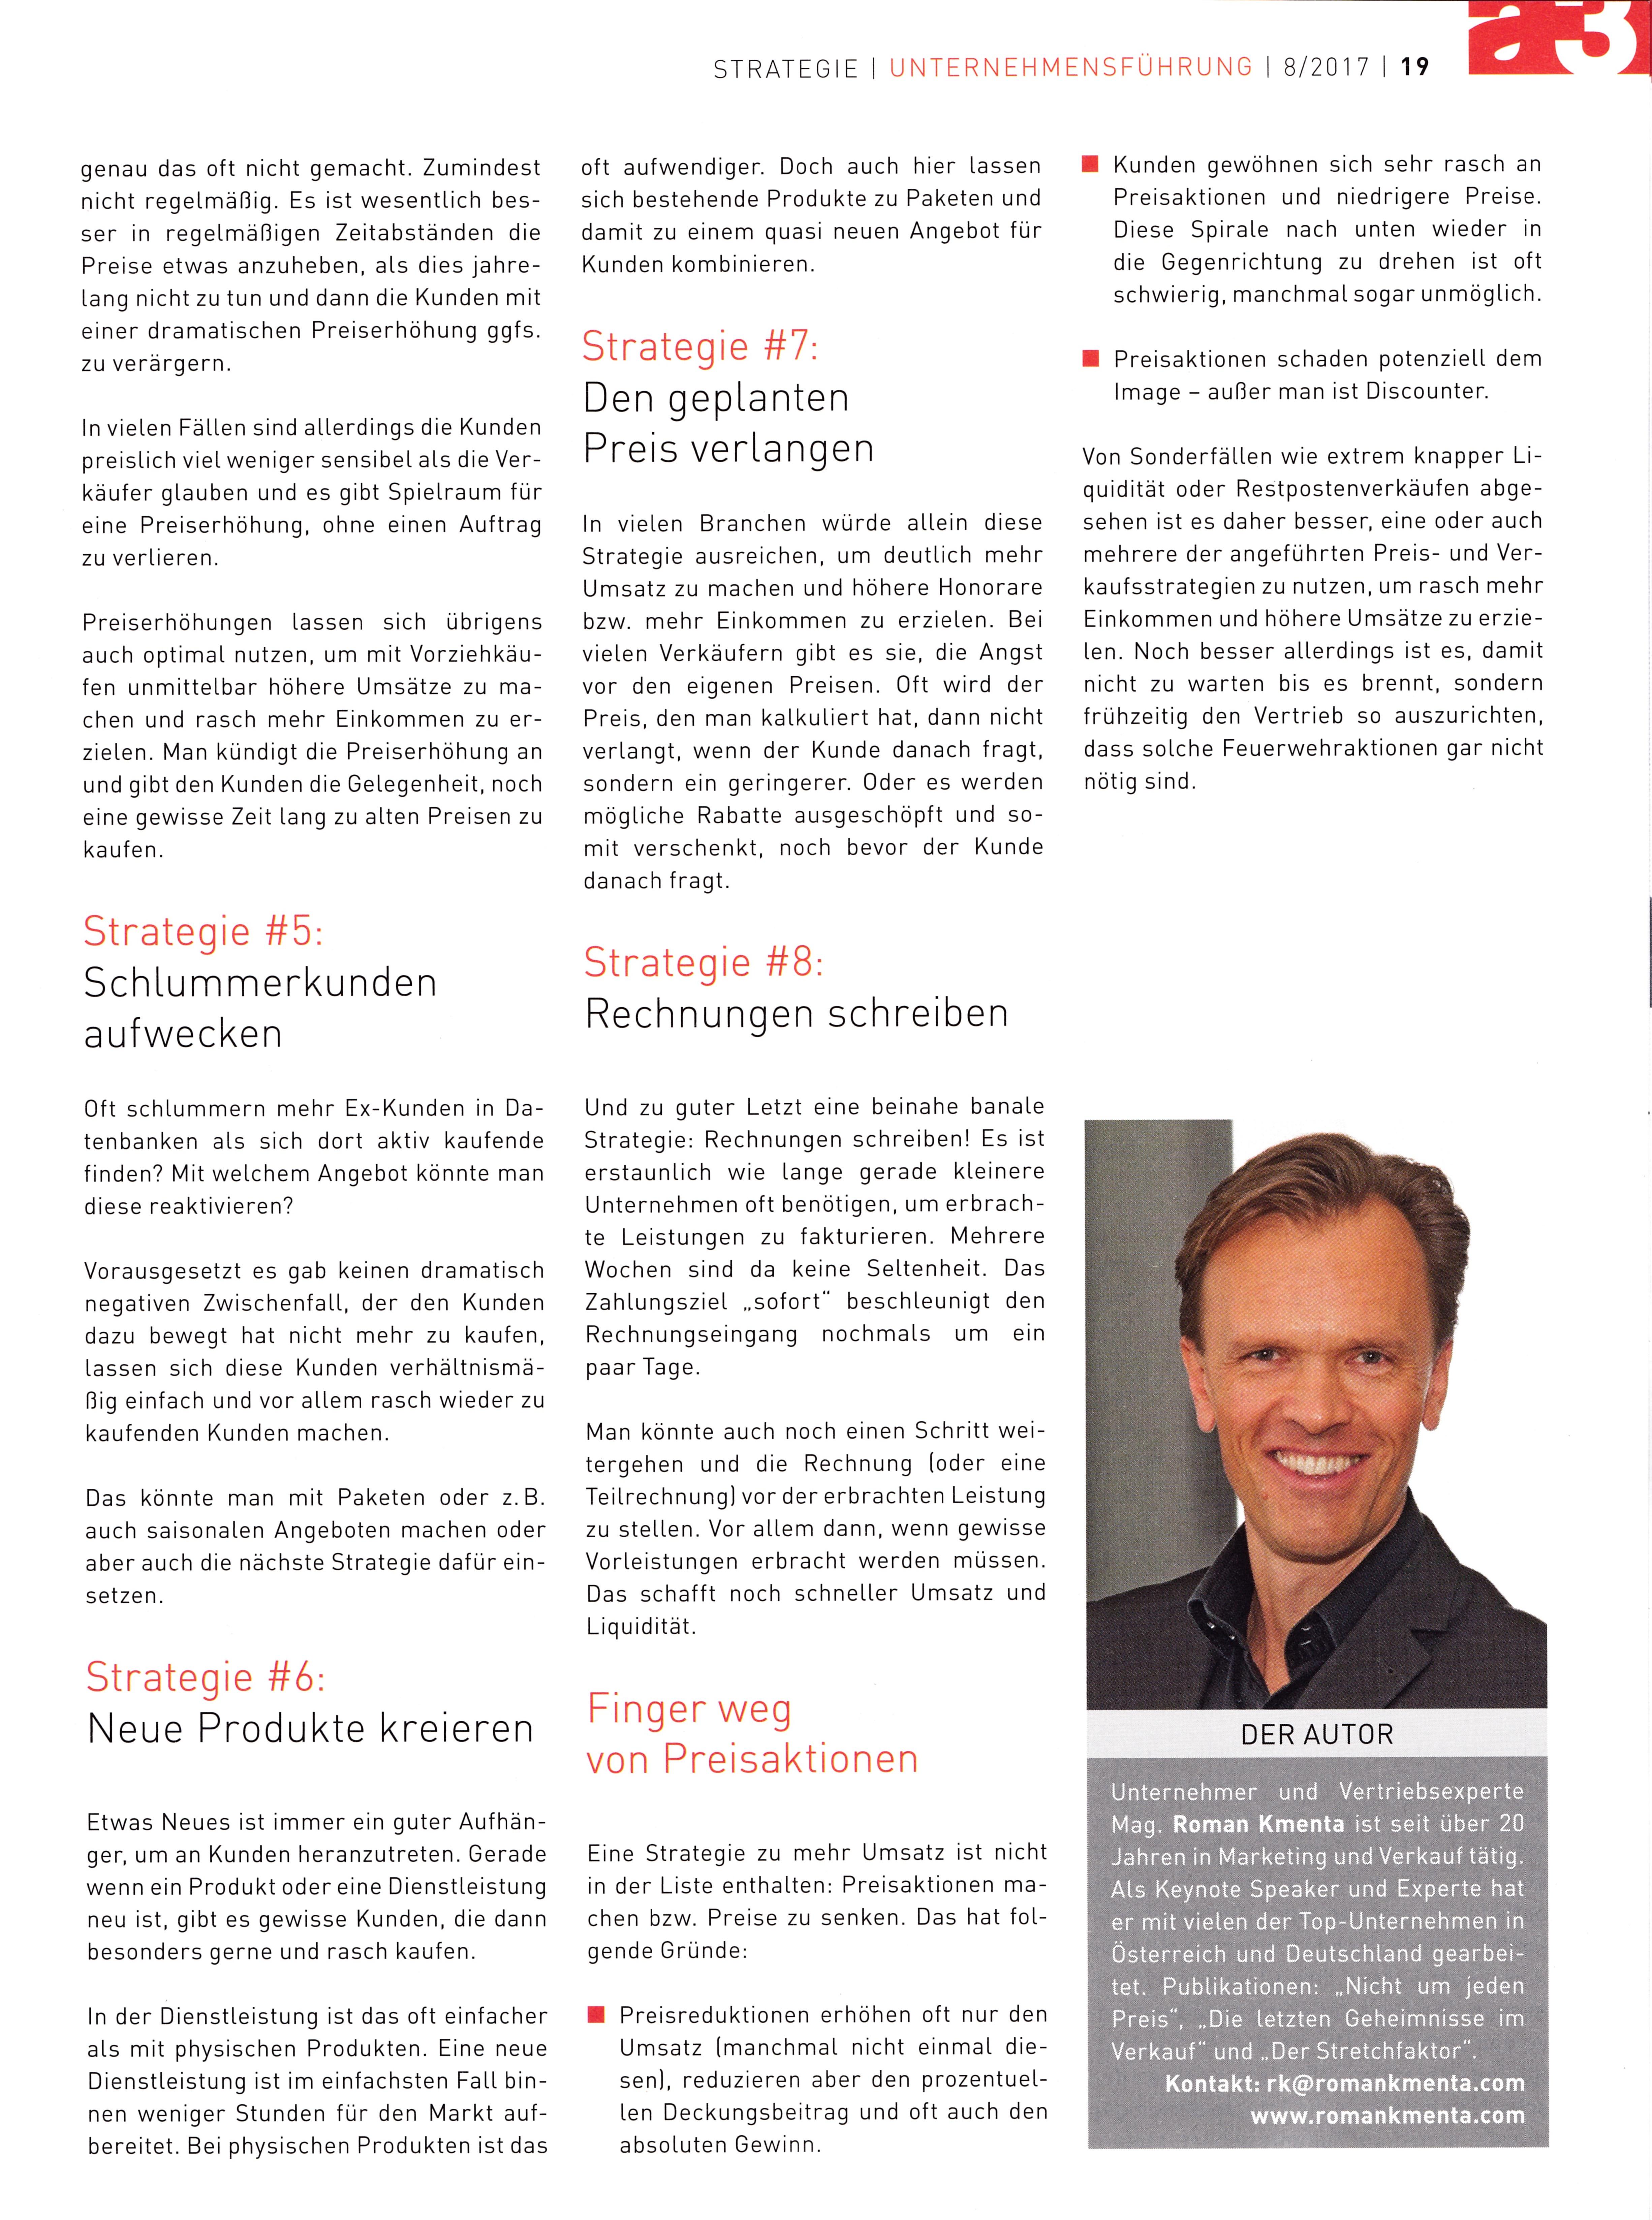 a3 ECO 8-2017 - 2 - Erste Hilfe für mehr Einkommen - Roman Kmenta - Keynote Speaker und Autor